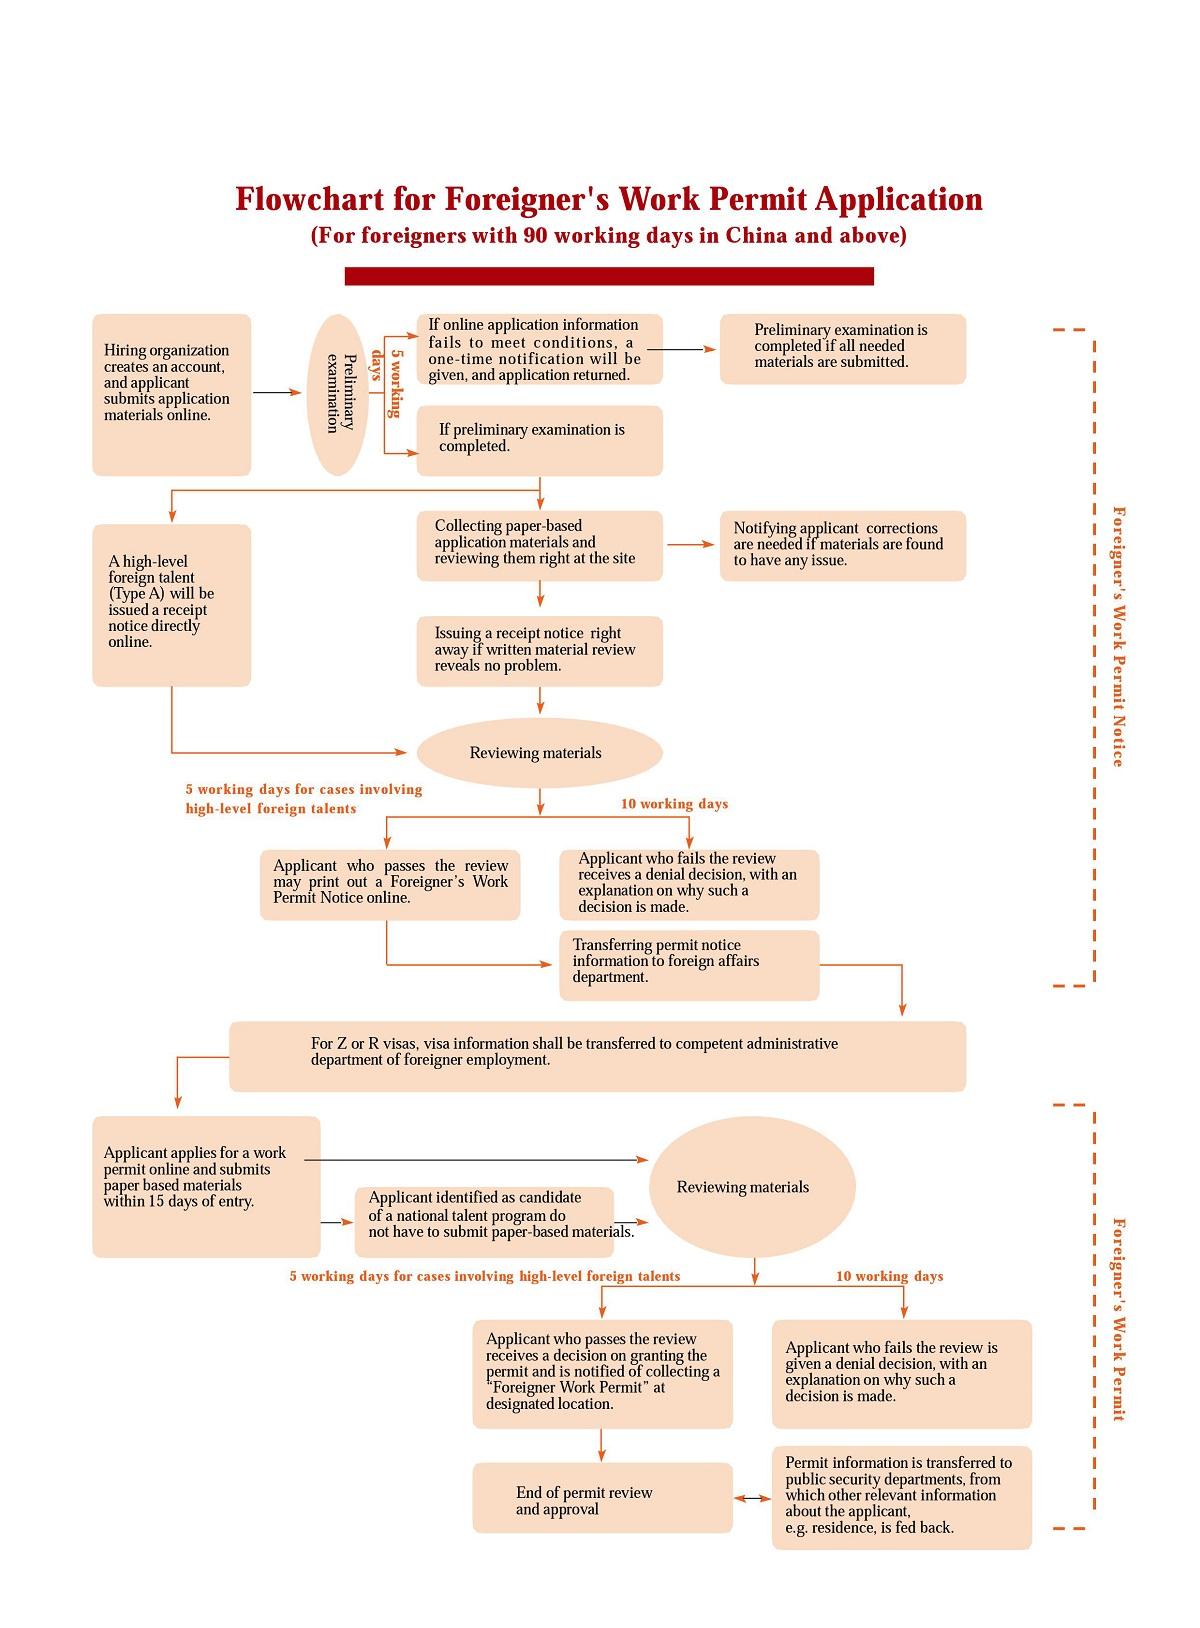 郑州外国人工作许可证办理流程(英文版)